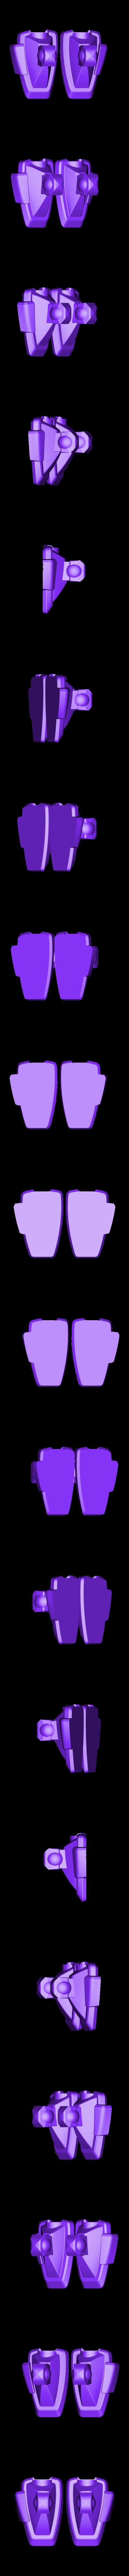 feet.stl Télécharger fichier STL gratuit Sommet2 • Design à imprimer en 3D, Yazhmog